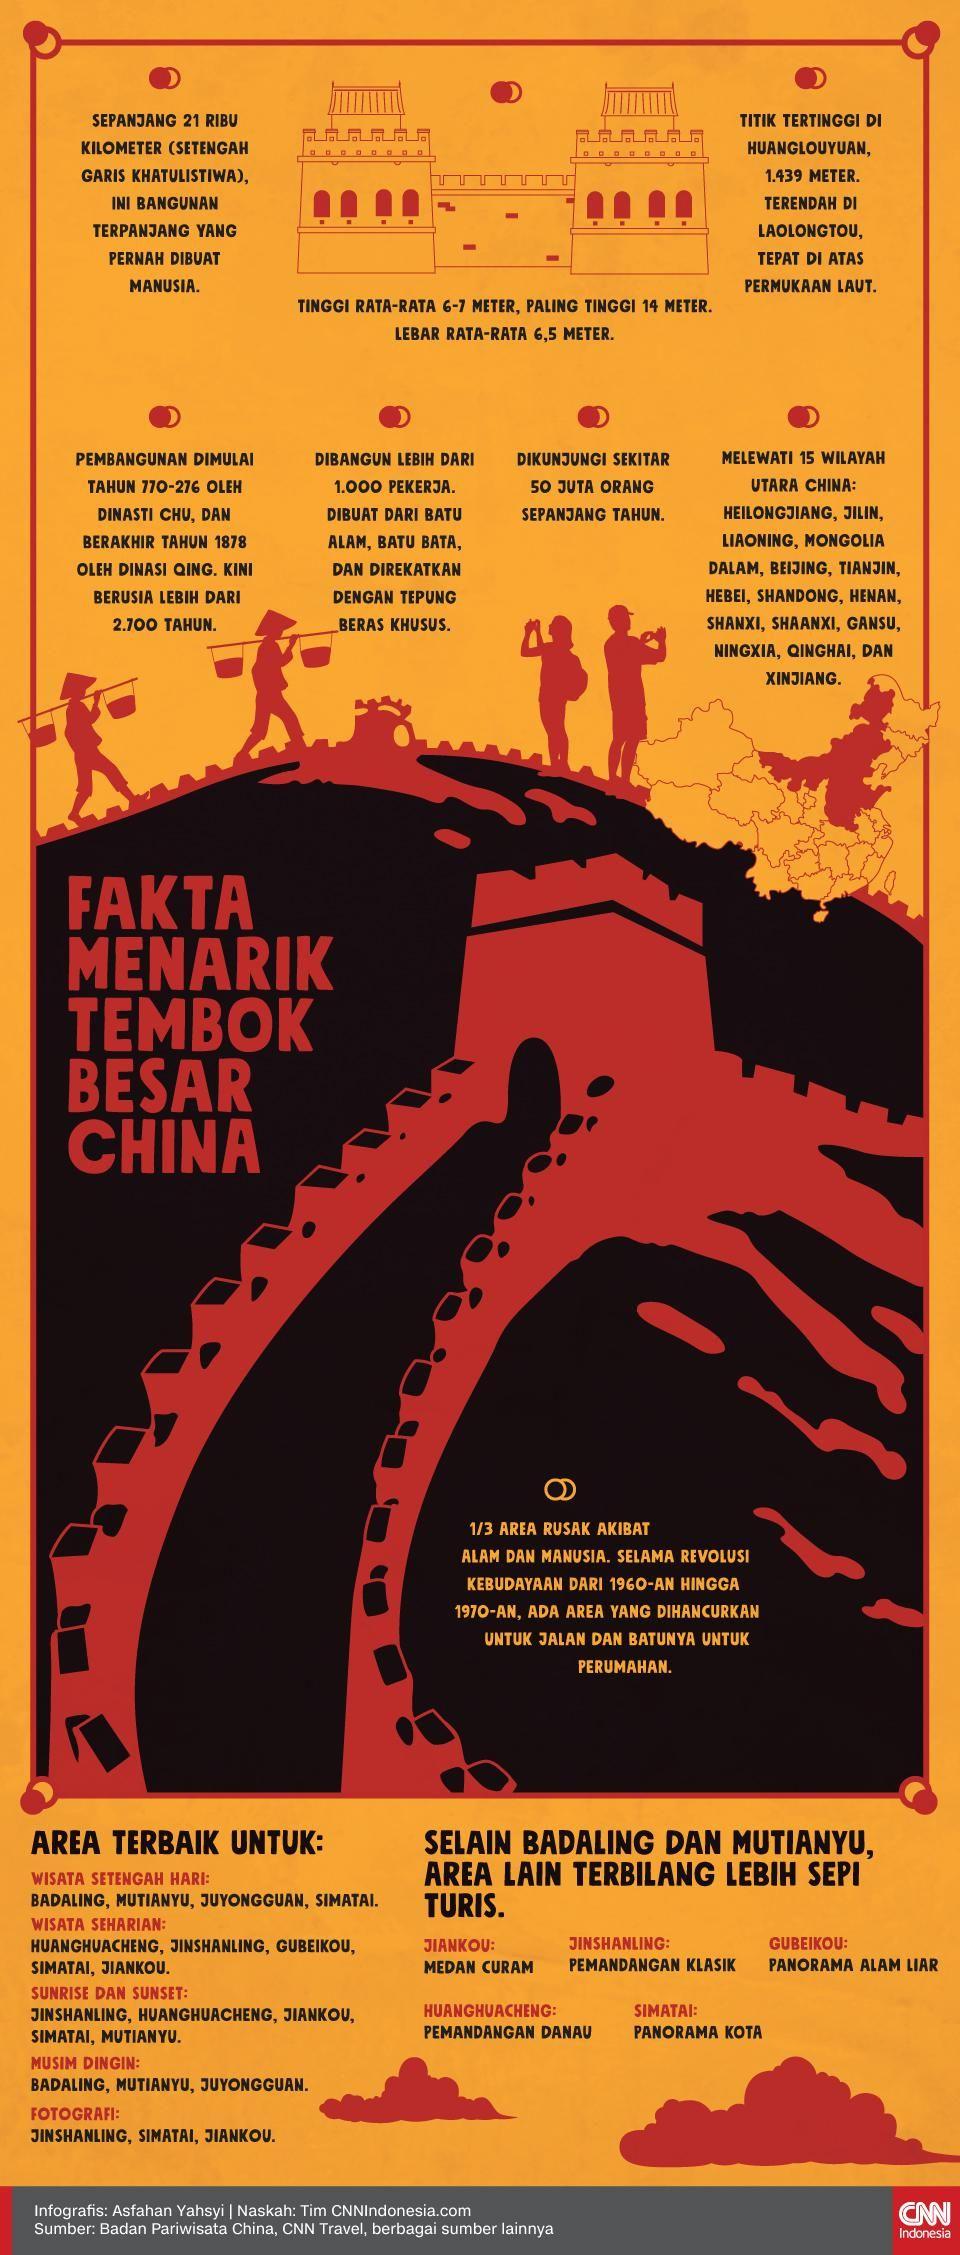 Infografis Fakta Menarik Tembok Besar China